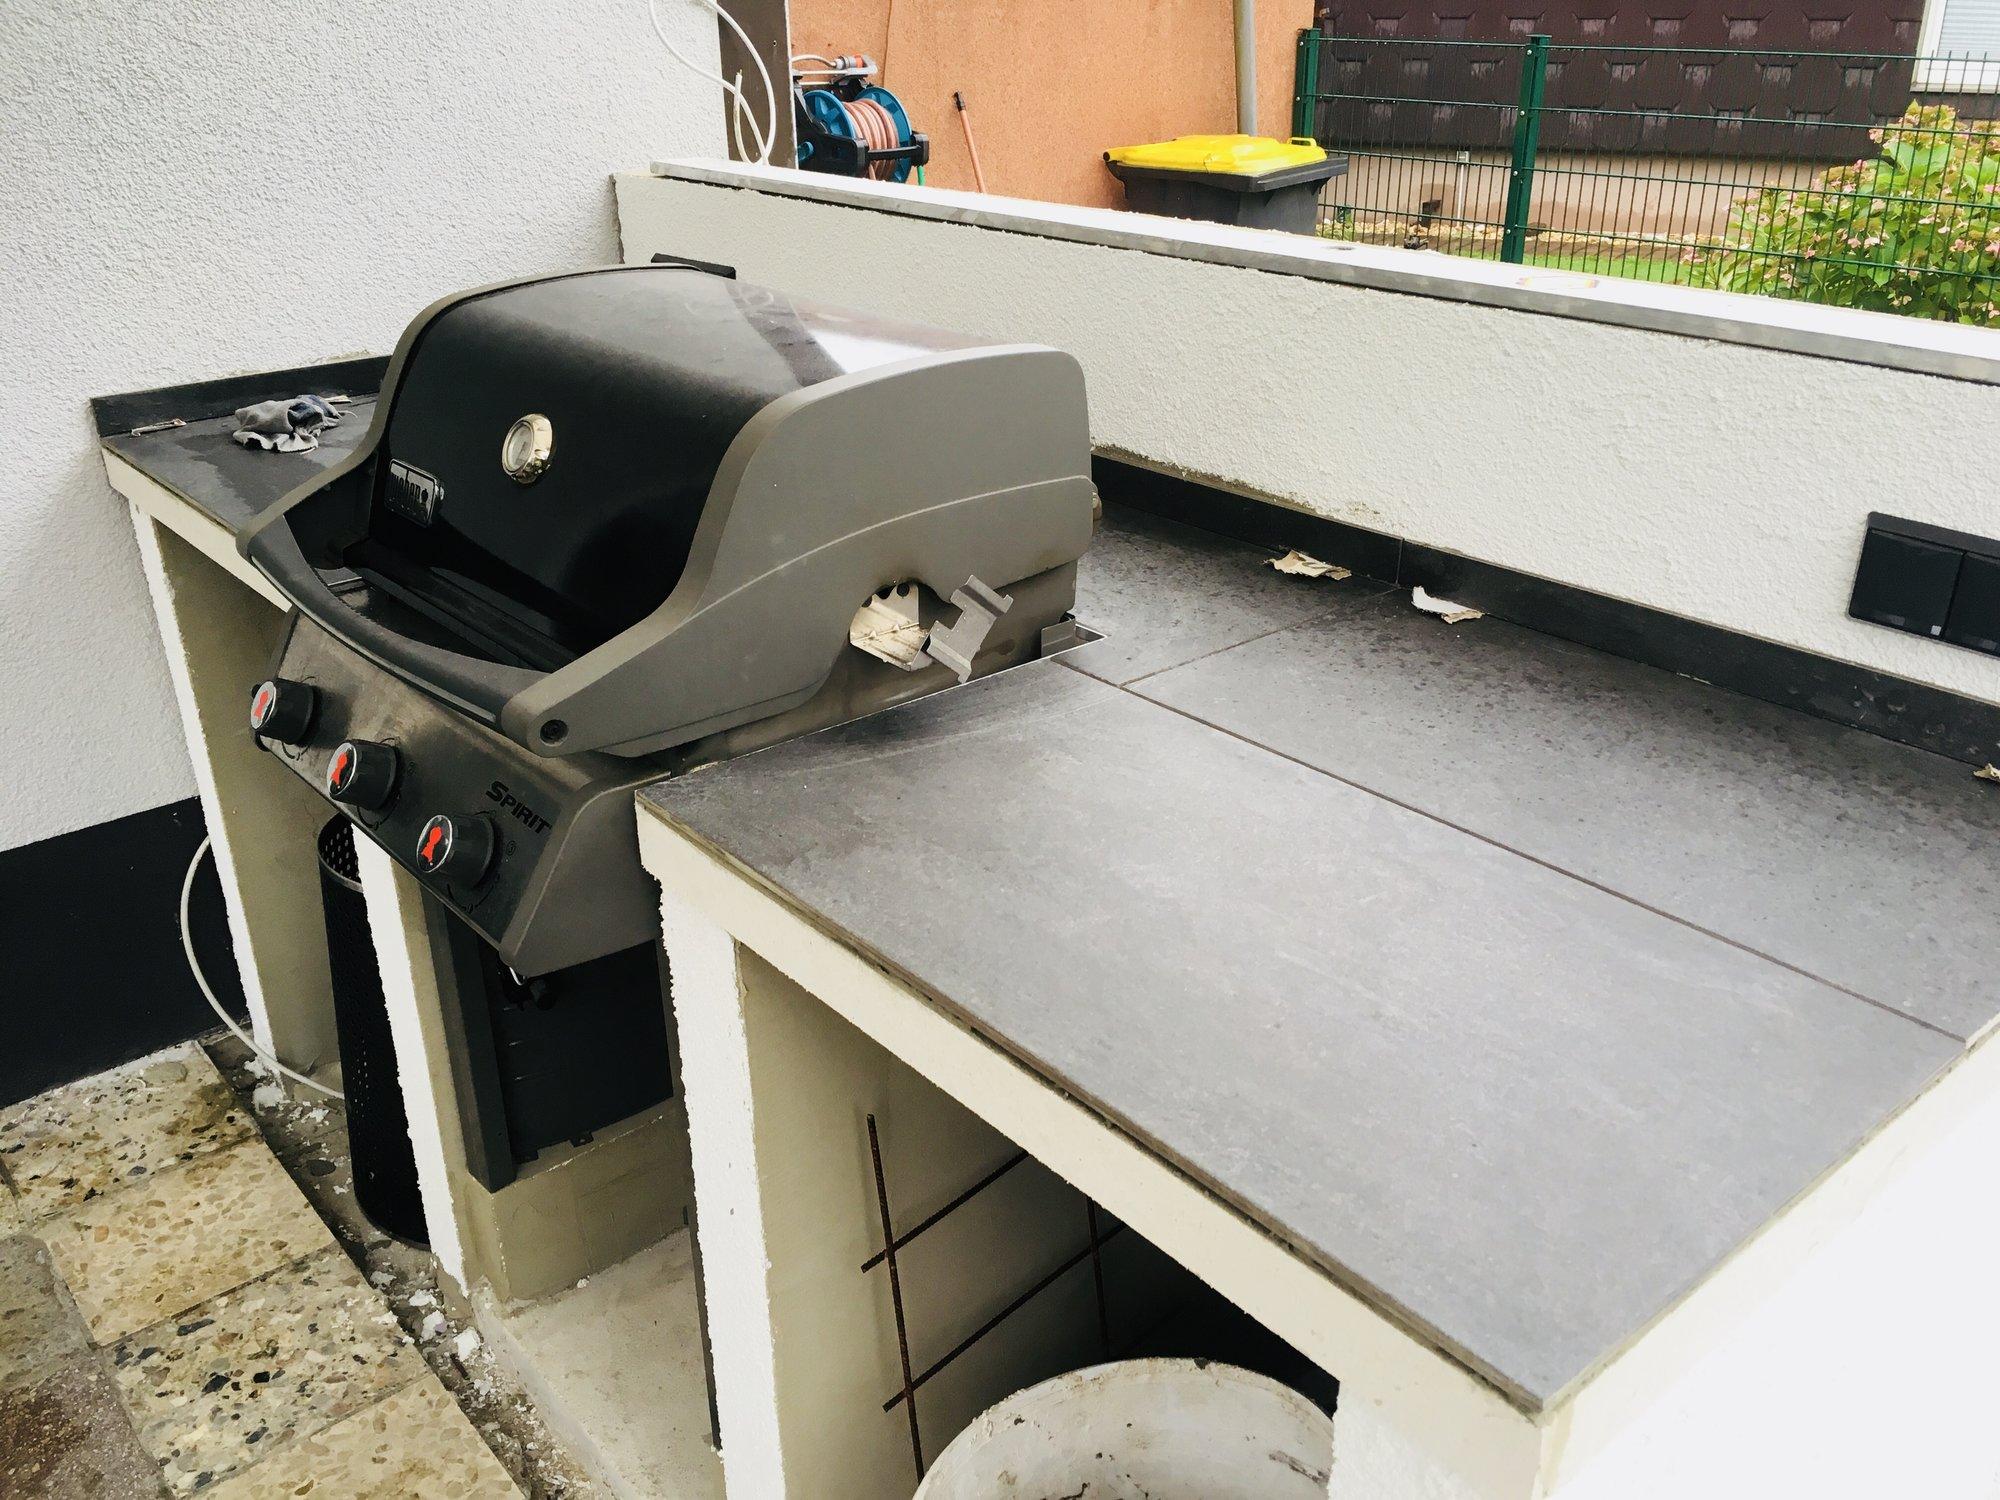 Weber Outdoor Küche Xxl : Nett outdoor küche weber fotos u eu e outdoor kuche weber lynx